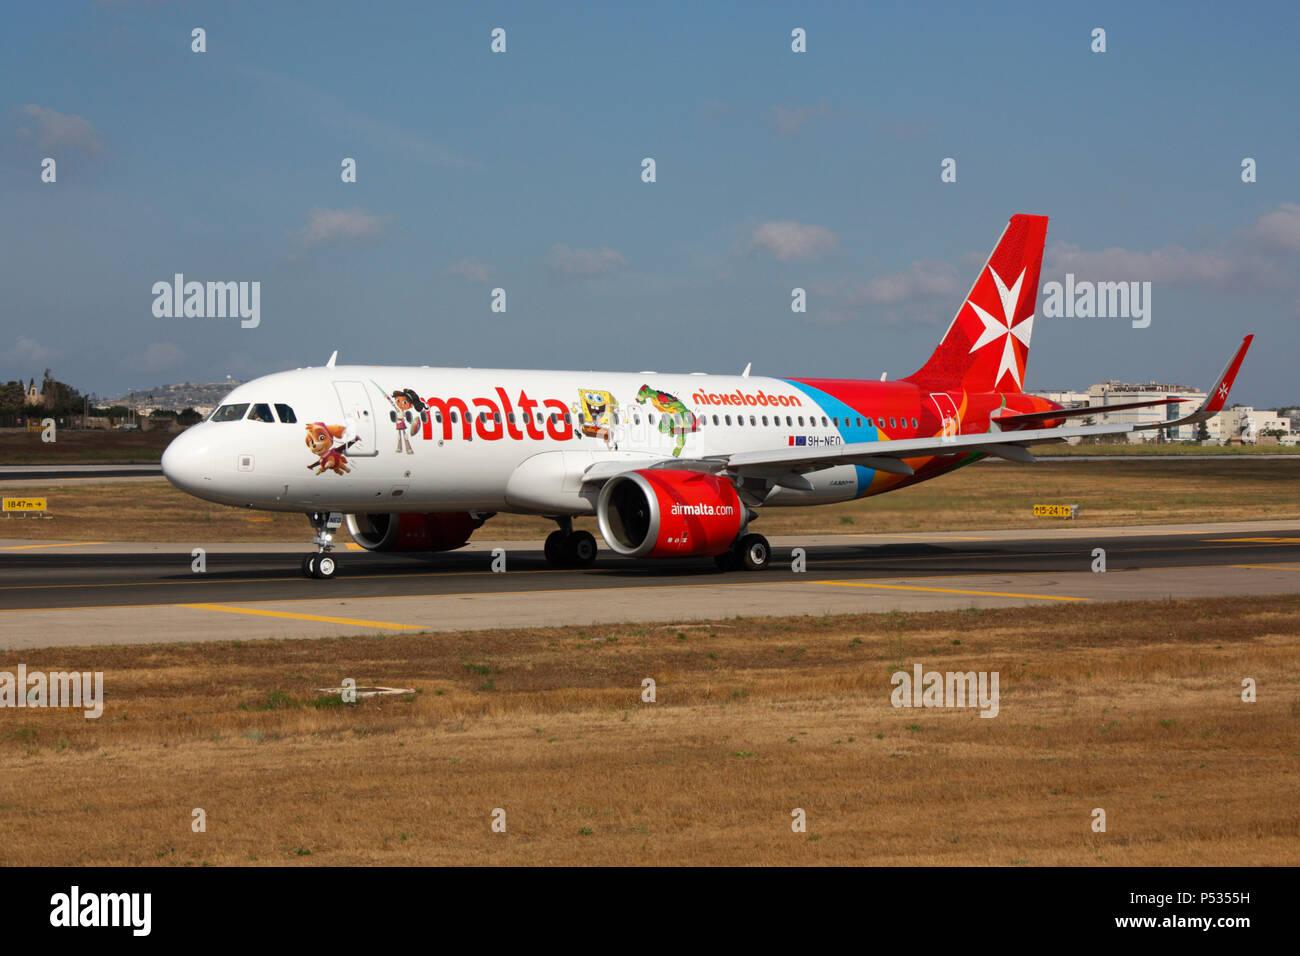 Air Malta Airbus A320neo commerciale piano a getto di rullaggio per la partenza da Malta. La tecnologia avanzata nella moderna aviazione civile. Immagini Stock